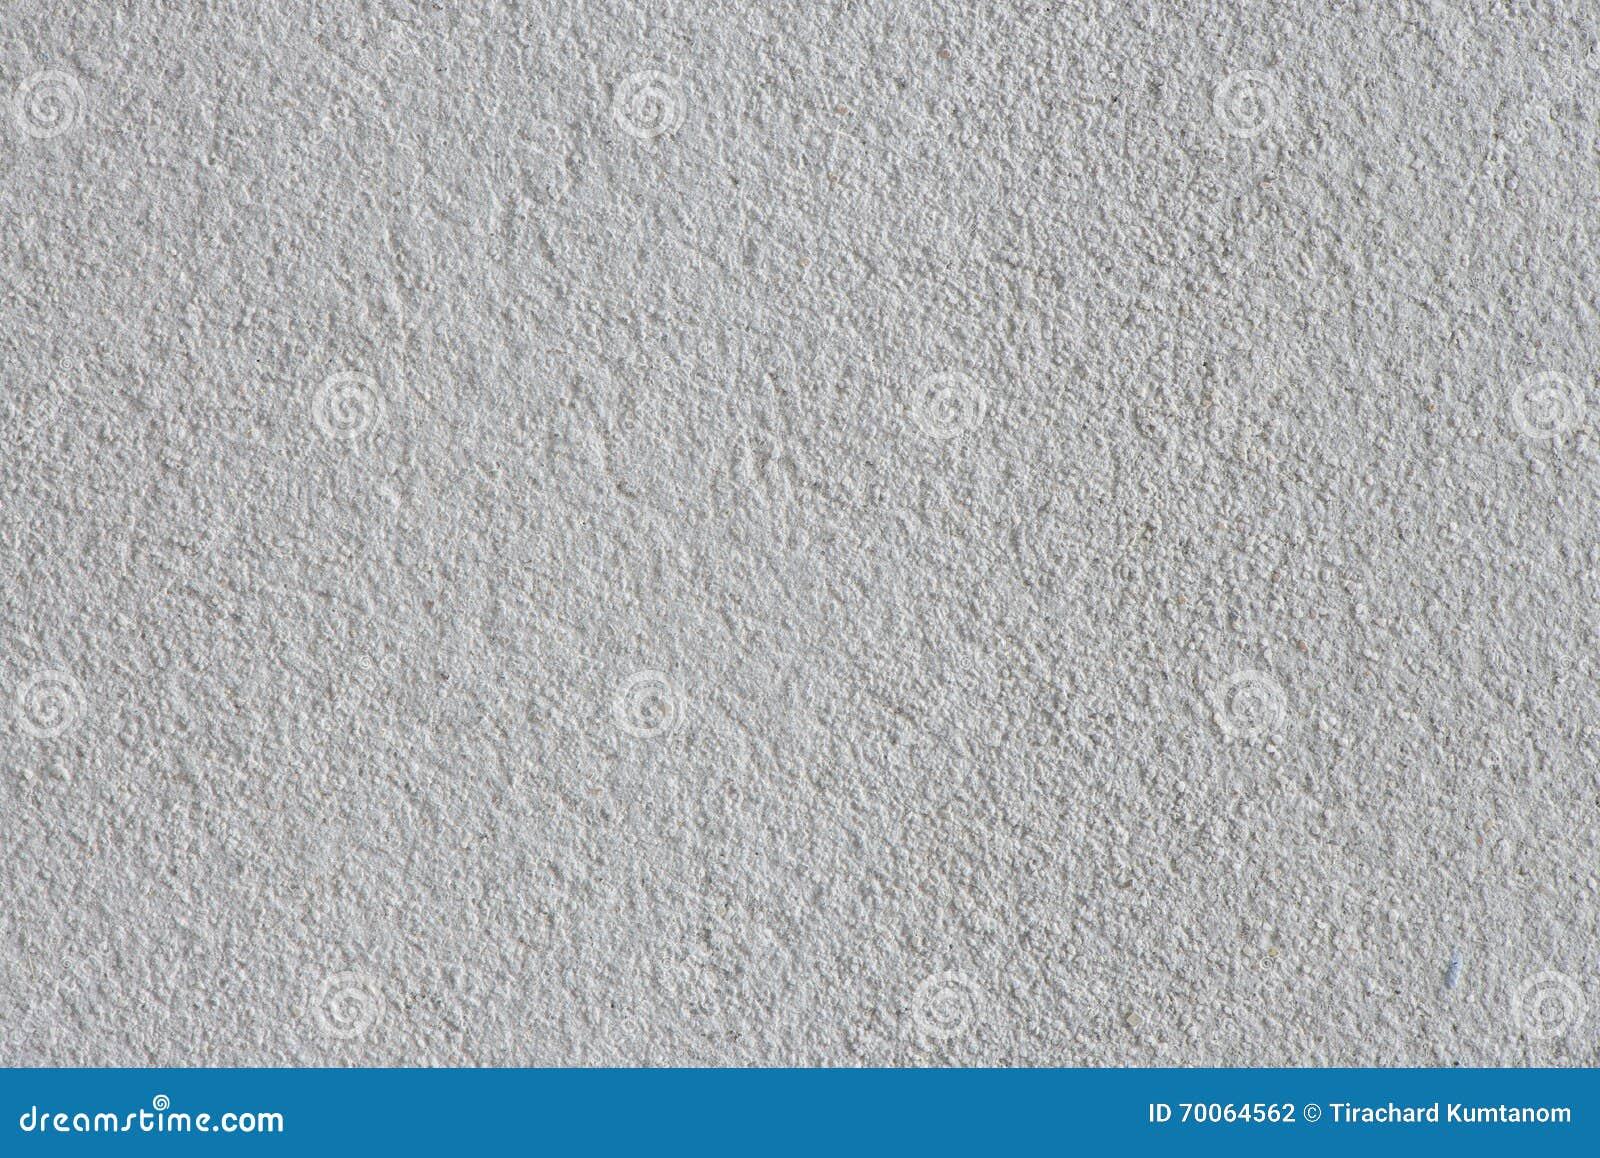 Pared gris vieja fondo concreto del grunge con el te - Paredes de cemento ...